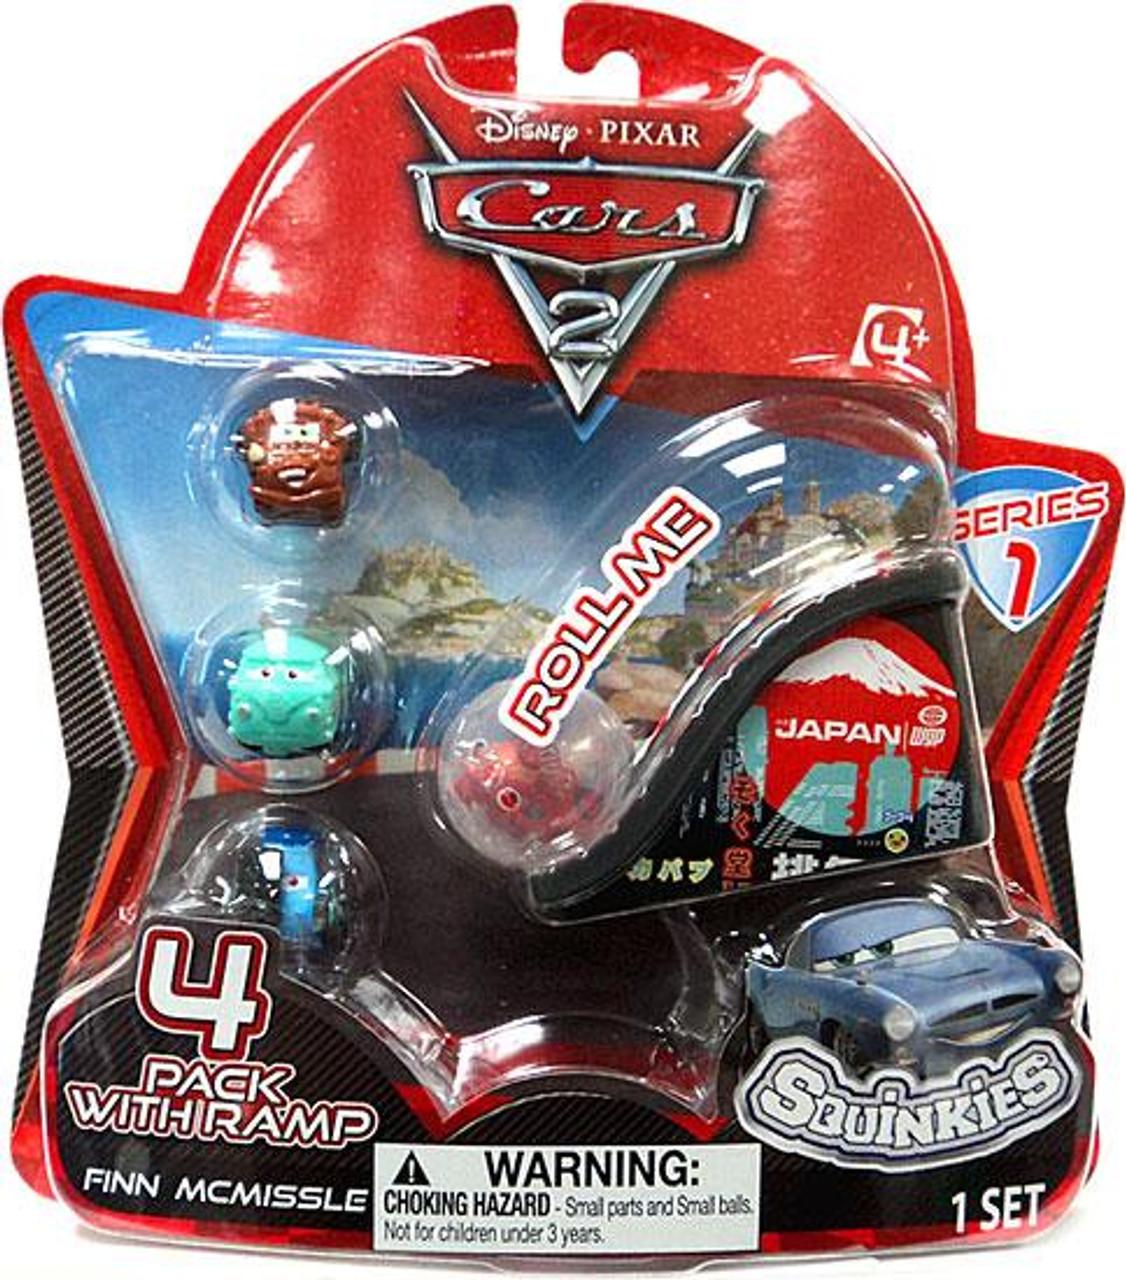 Disney Cars Cars 2 Series 1 Squinkies 4-Pack Mini Figures